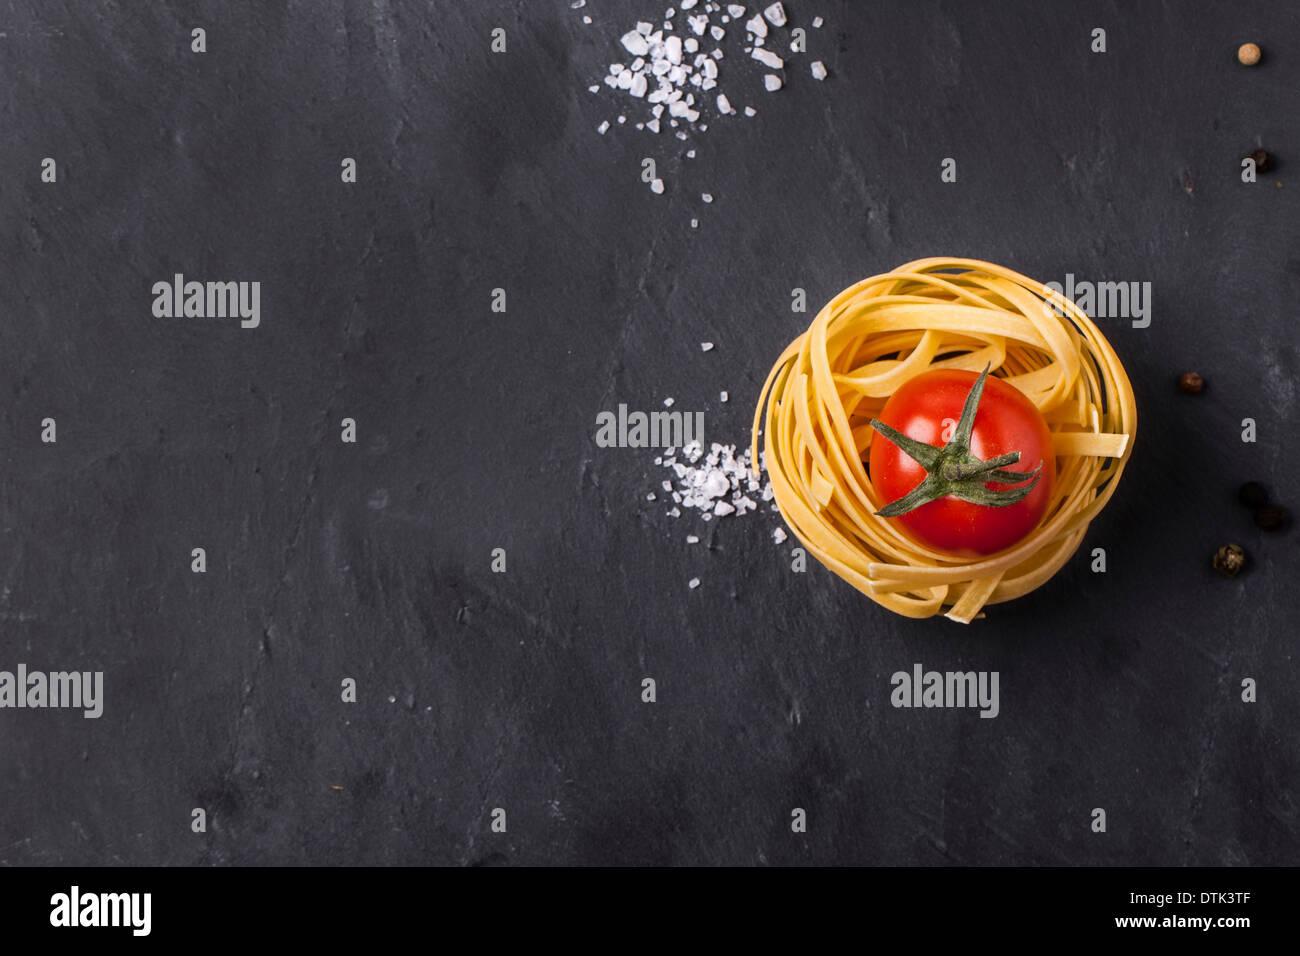 Draufsicht auf trockene Pasta und frischen Kirschtomaten, serviert mit Meersalz auf grauem Schiefer dunkel Stockbild